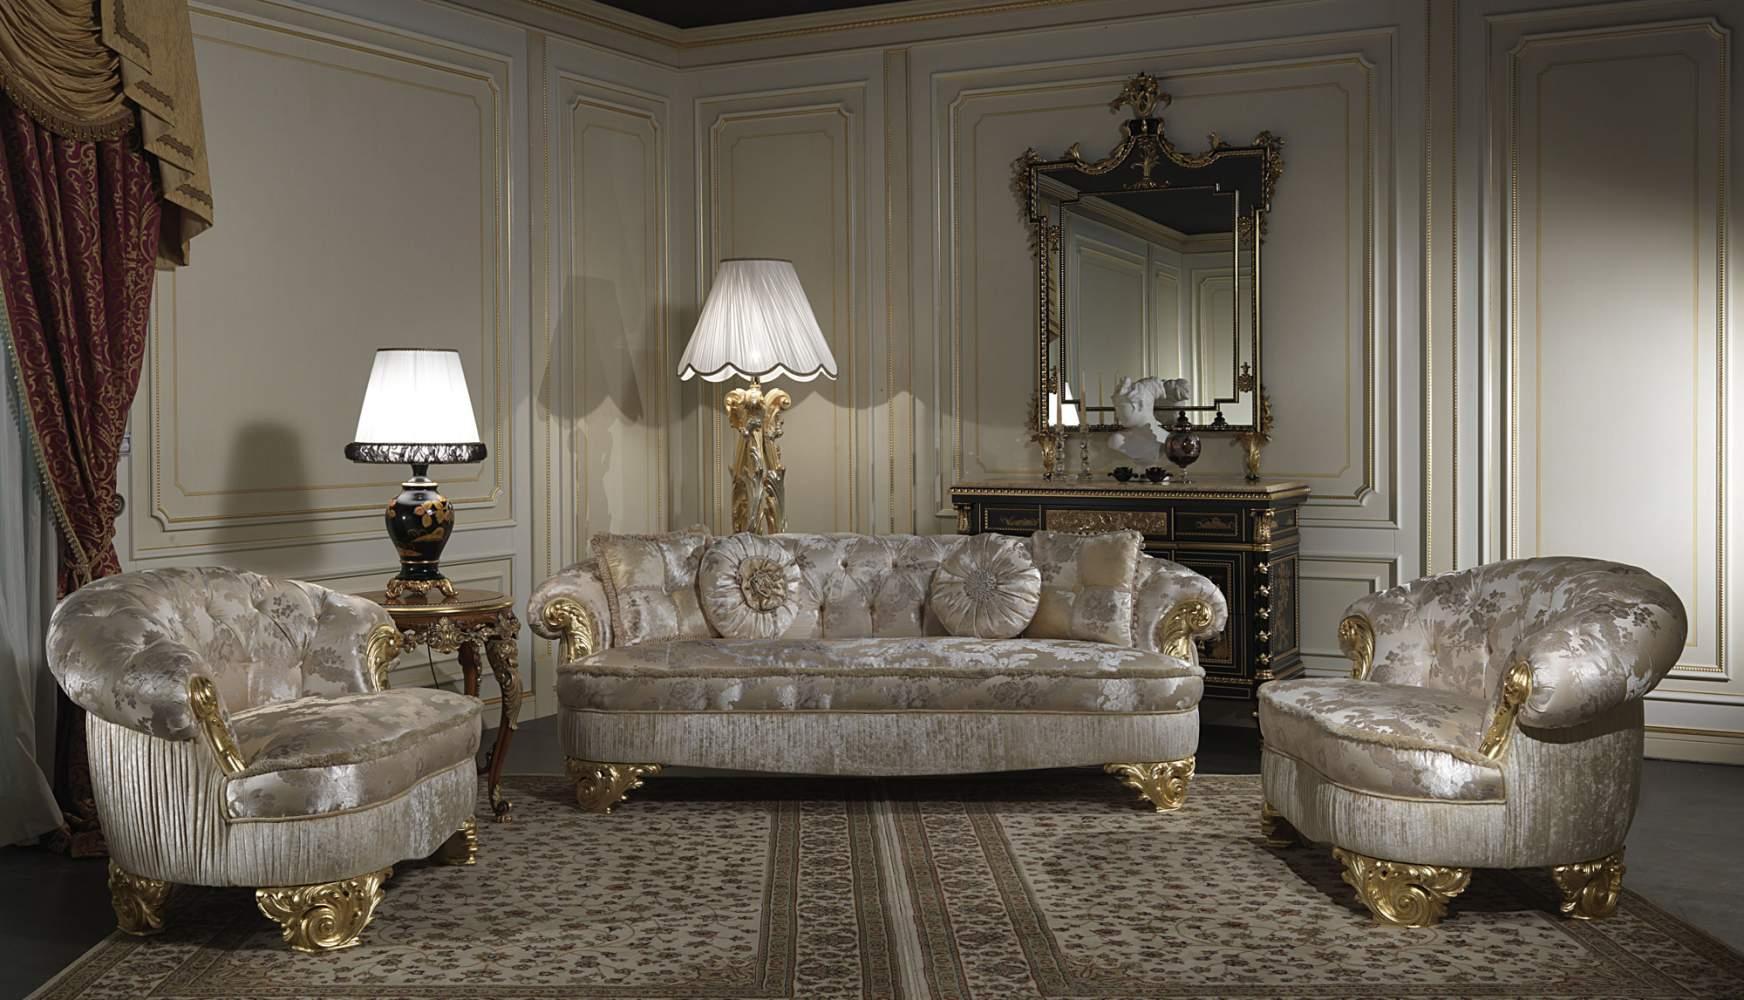 Divani esclusivi in stile classico Parigi  Vimercati Meda